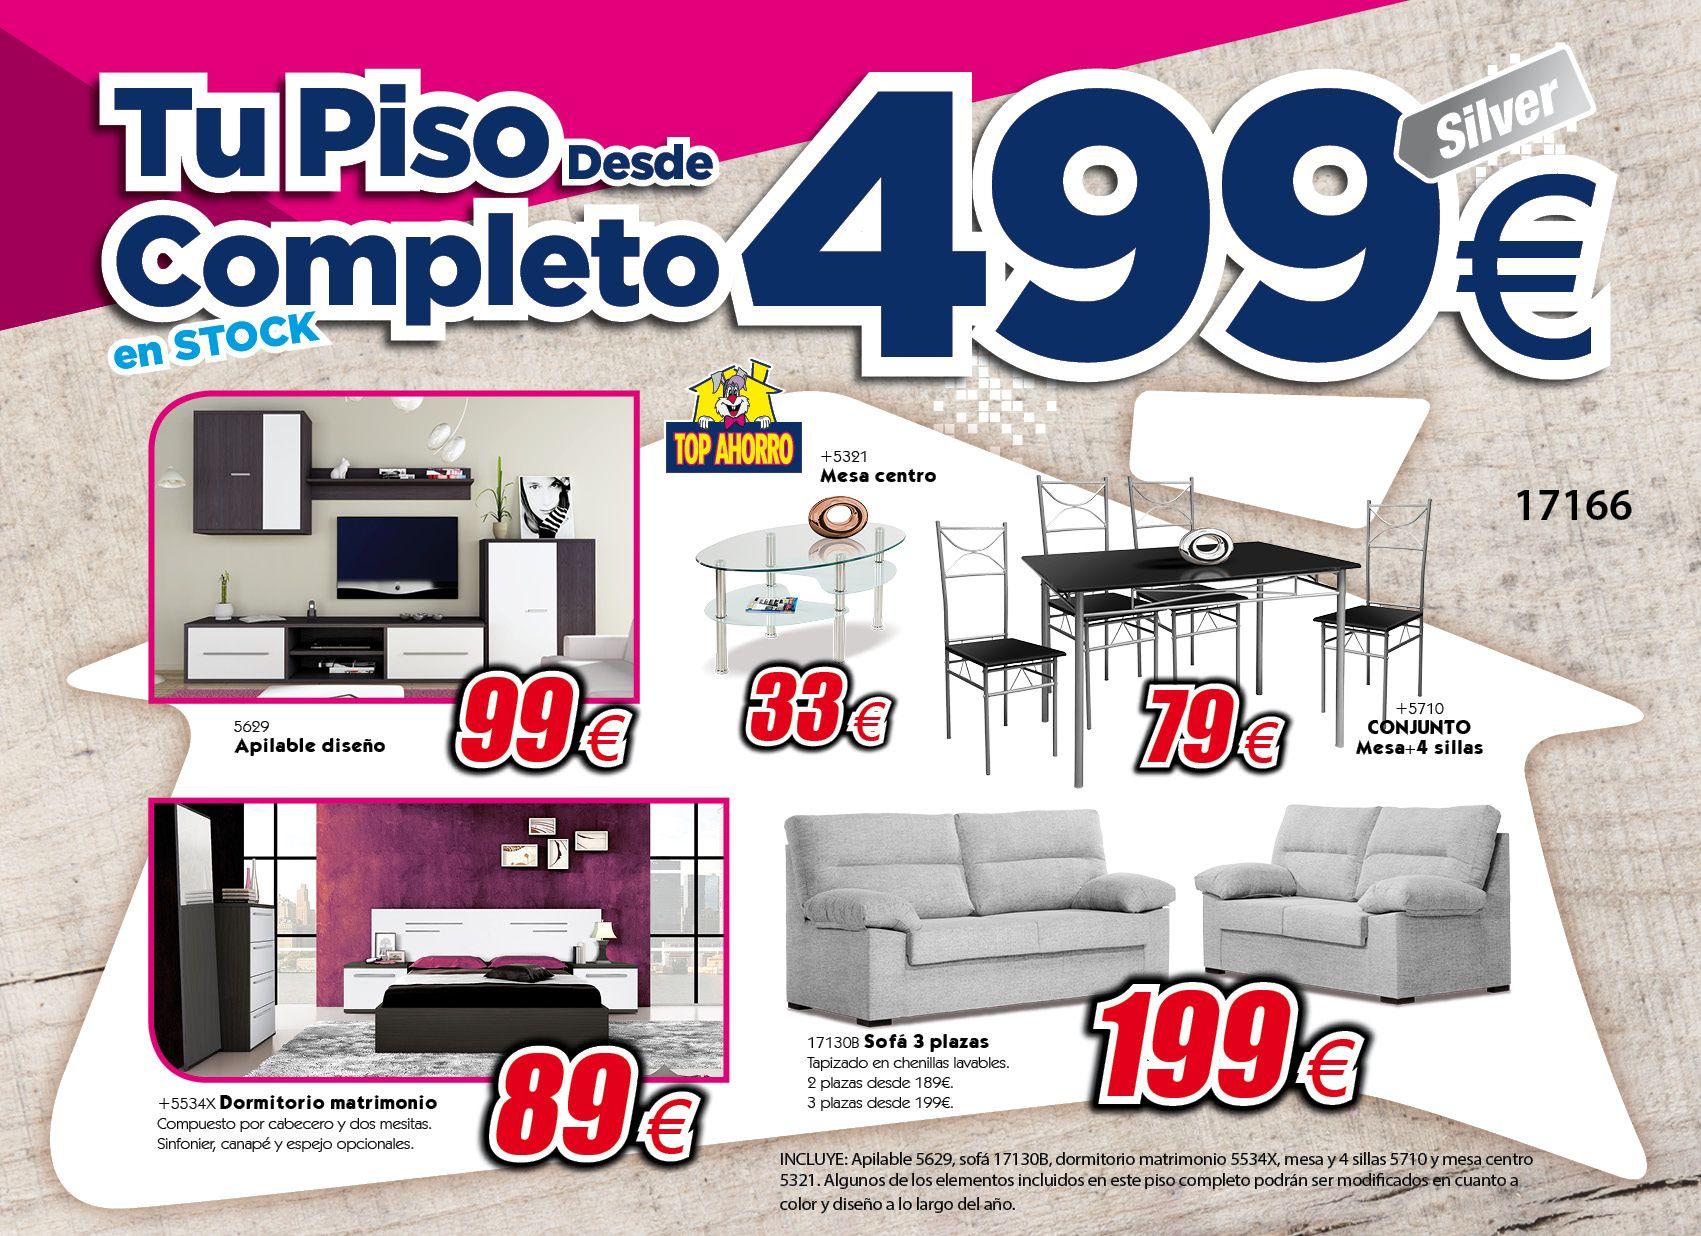 Muebles piso completo segunda mano best tiendasrios - Amueblar piso completo barcelona ...